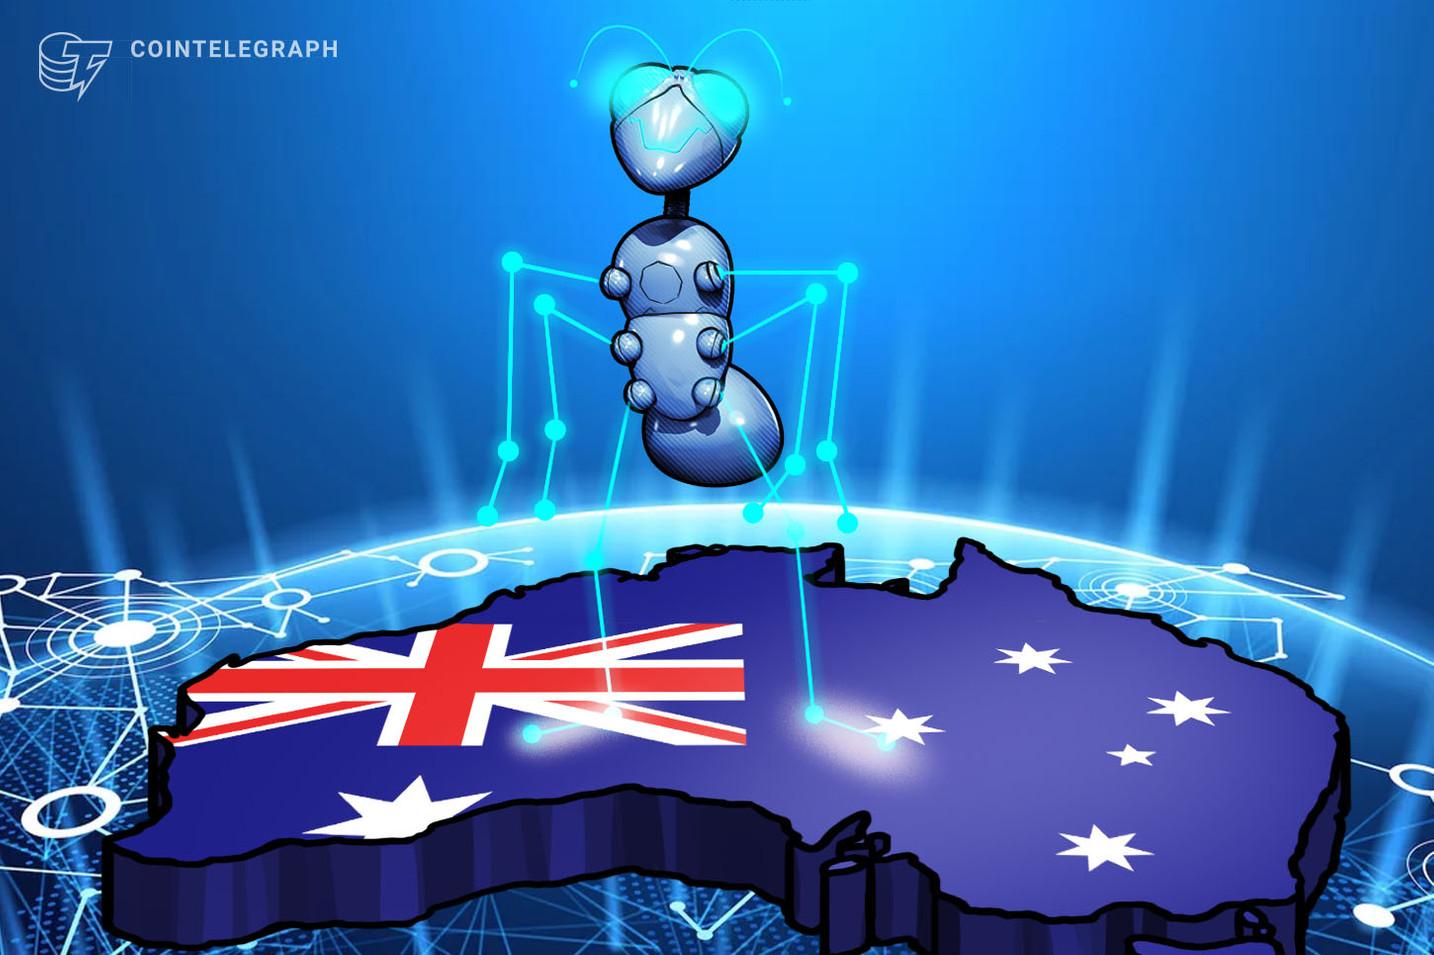 Alcuni istituti di credito australiani vogliono digitalizzare le garanzie bancarie con blockchain